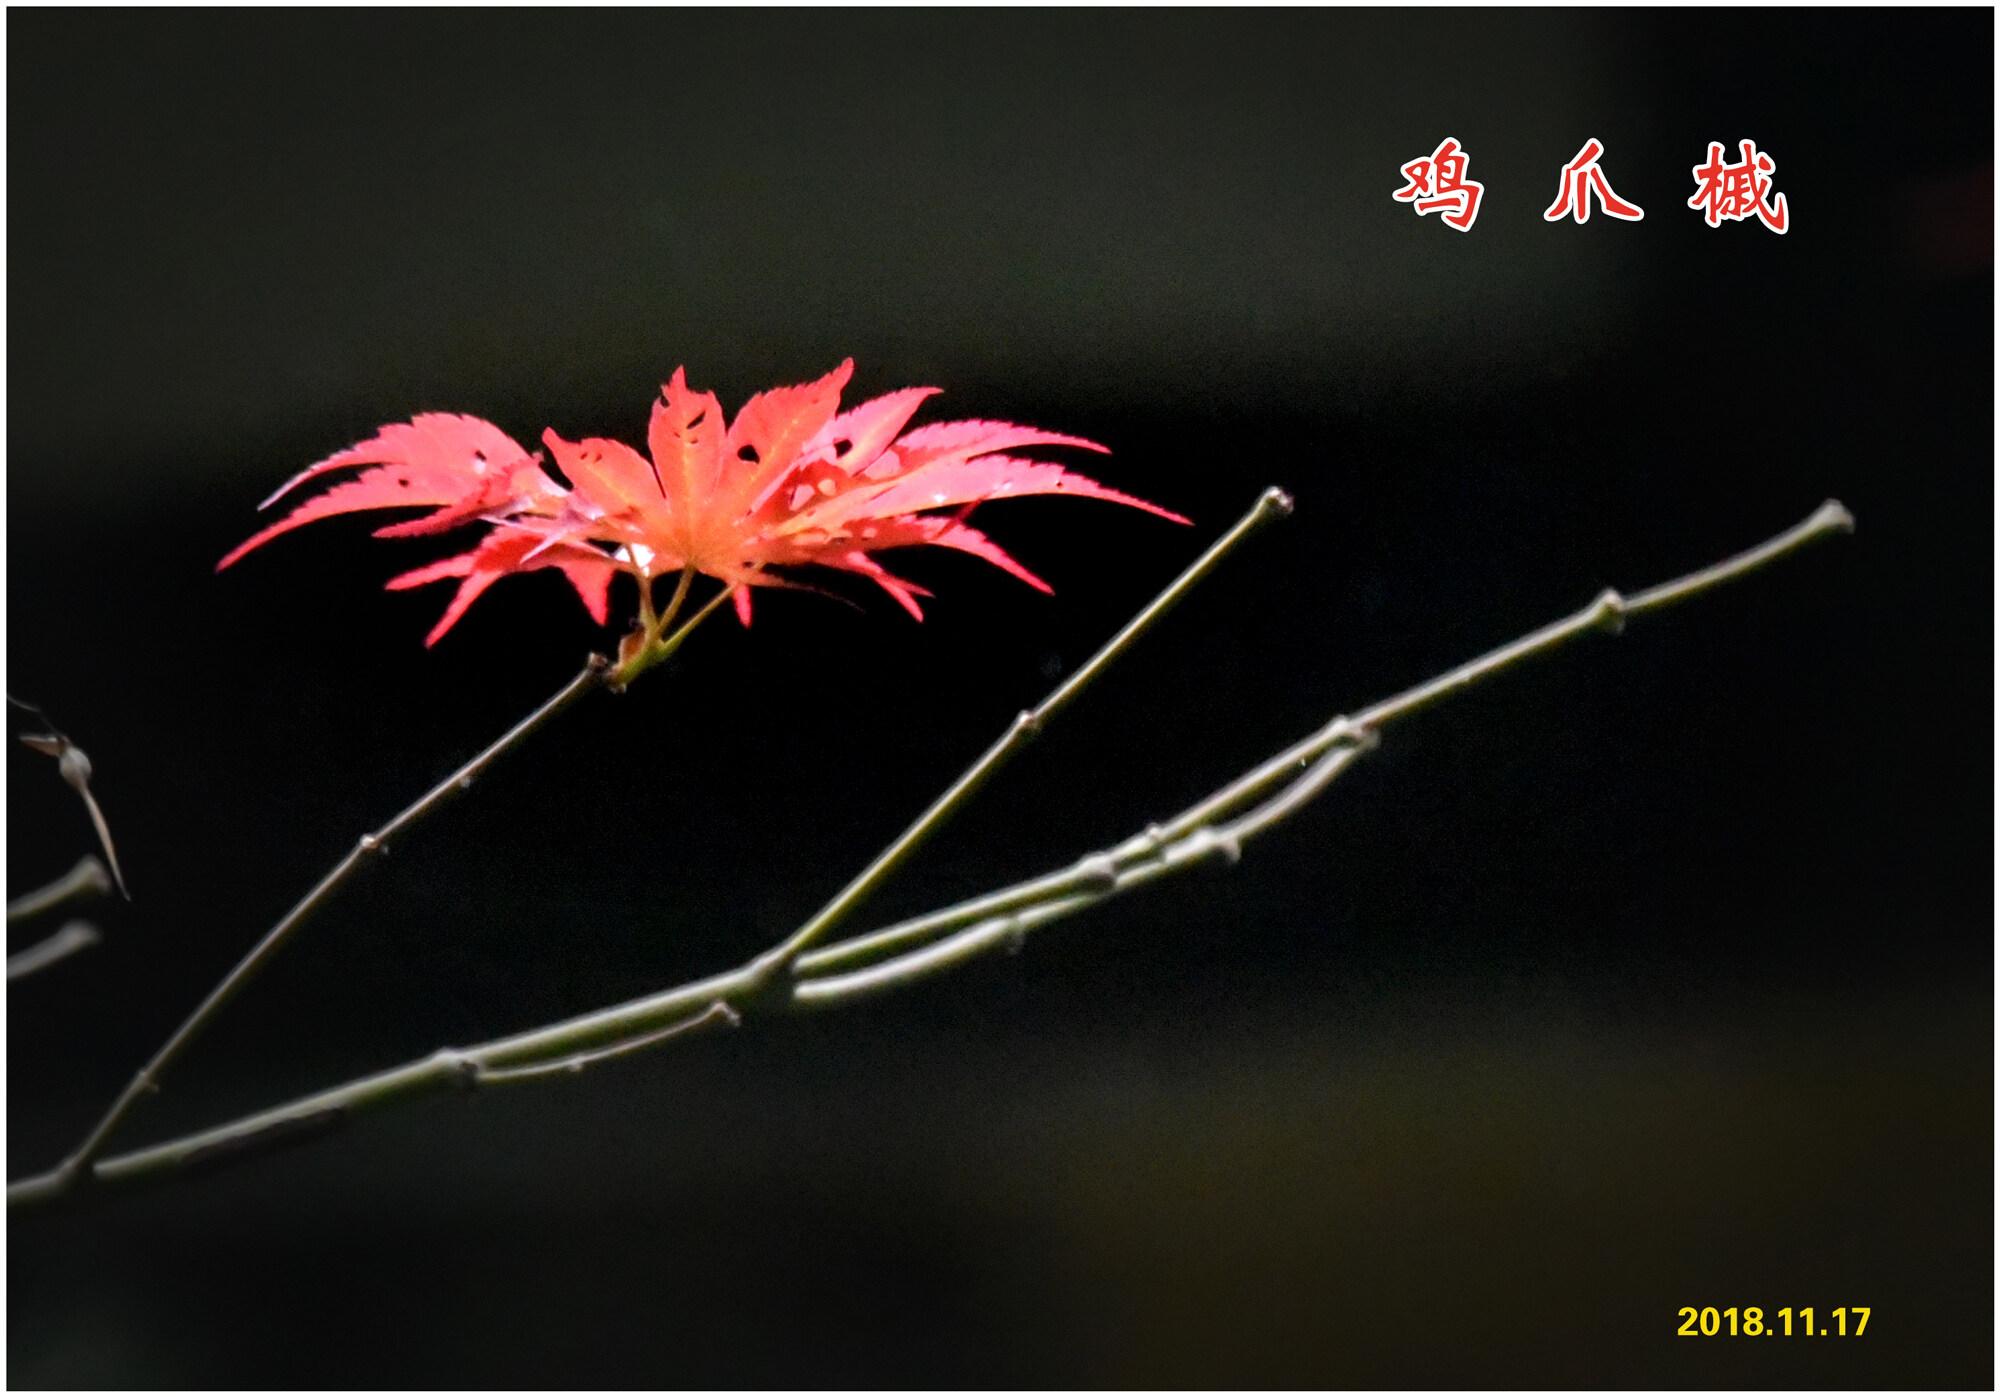 DSC_4637鸡爪槭 2.jpg